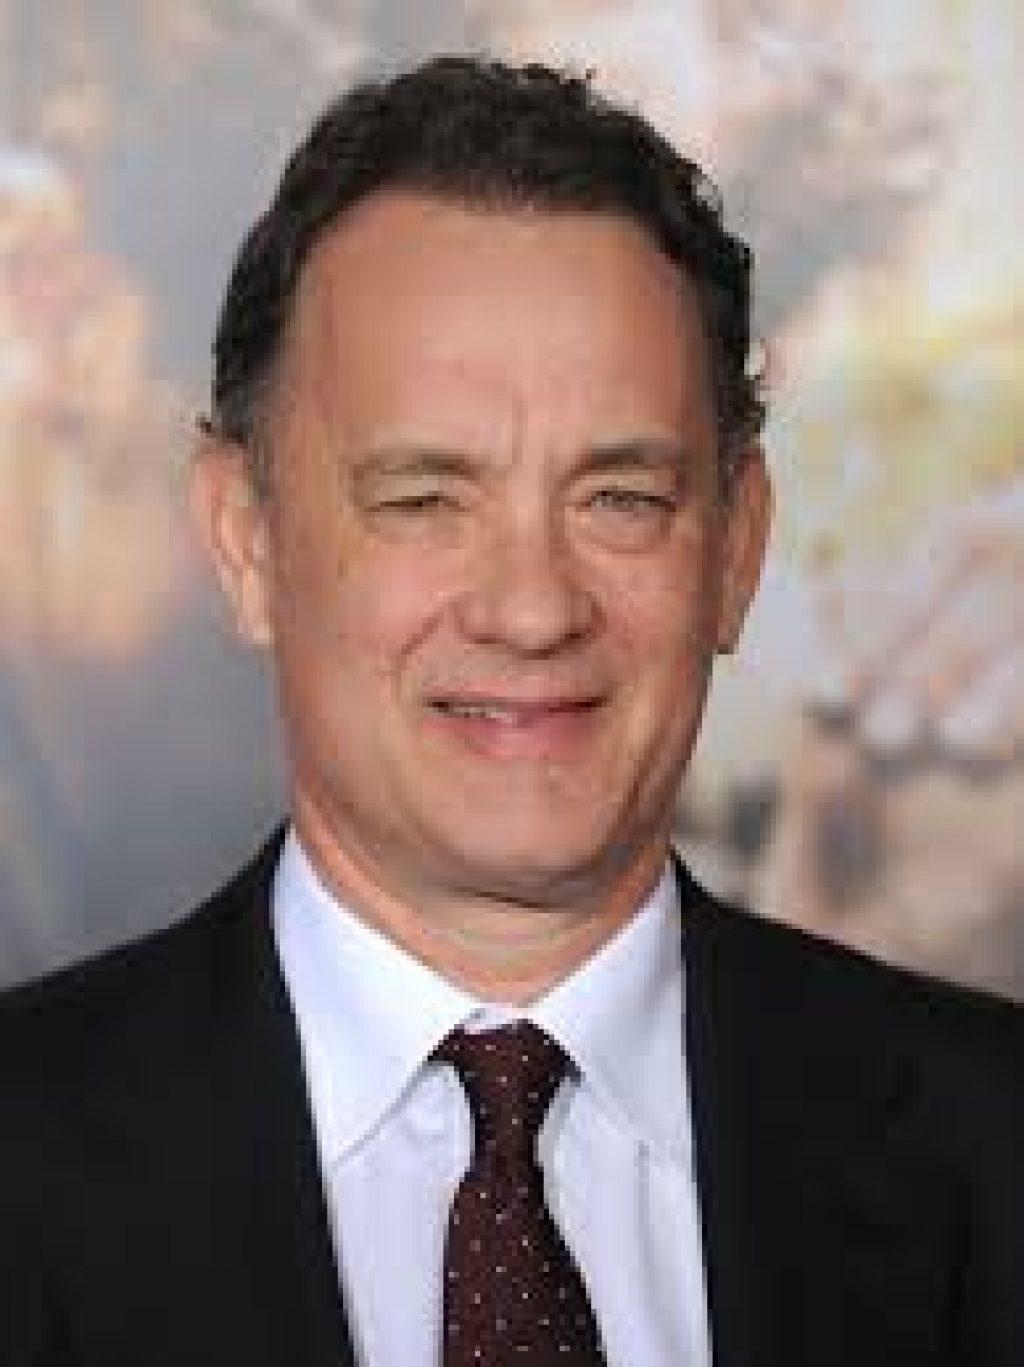 Gelassen und nachsichtig: Tom Hanks c/o posh24.de